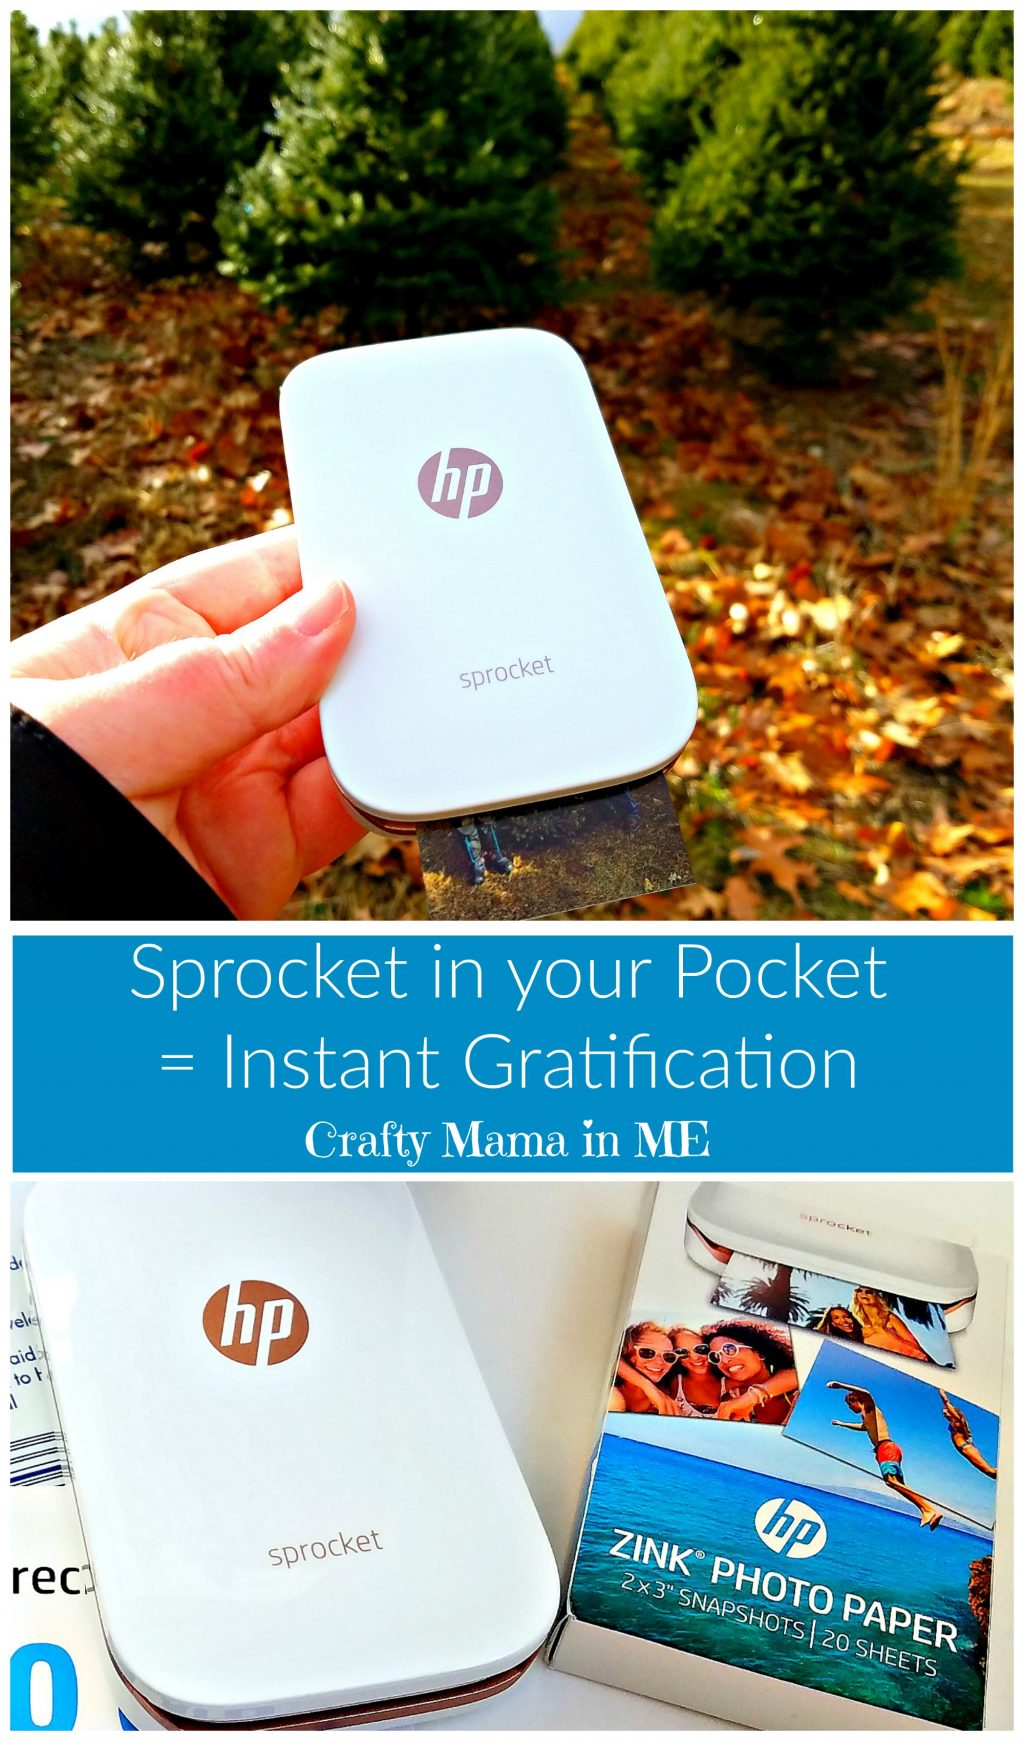 Sprocket in your Pocket = Instant Gratification